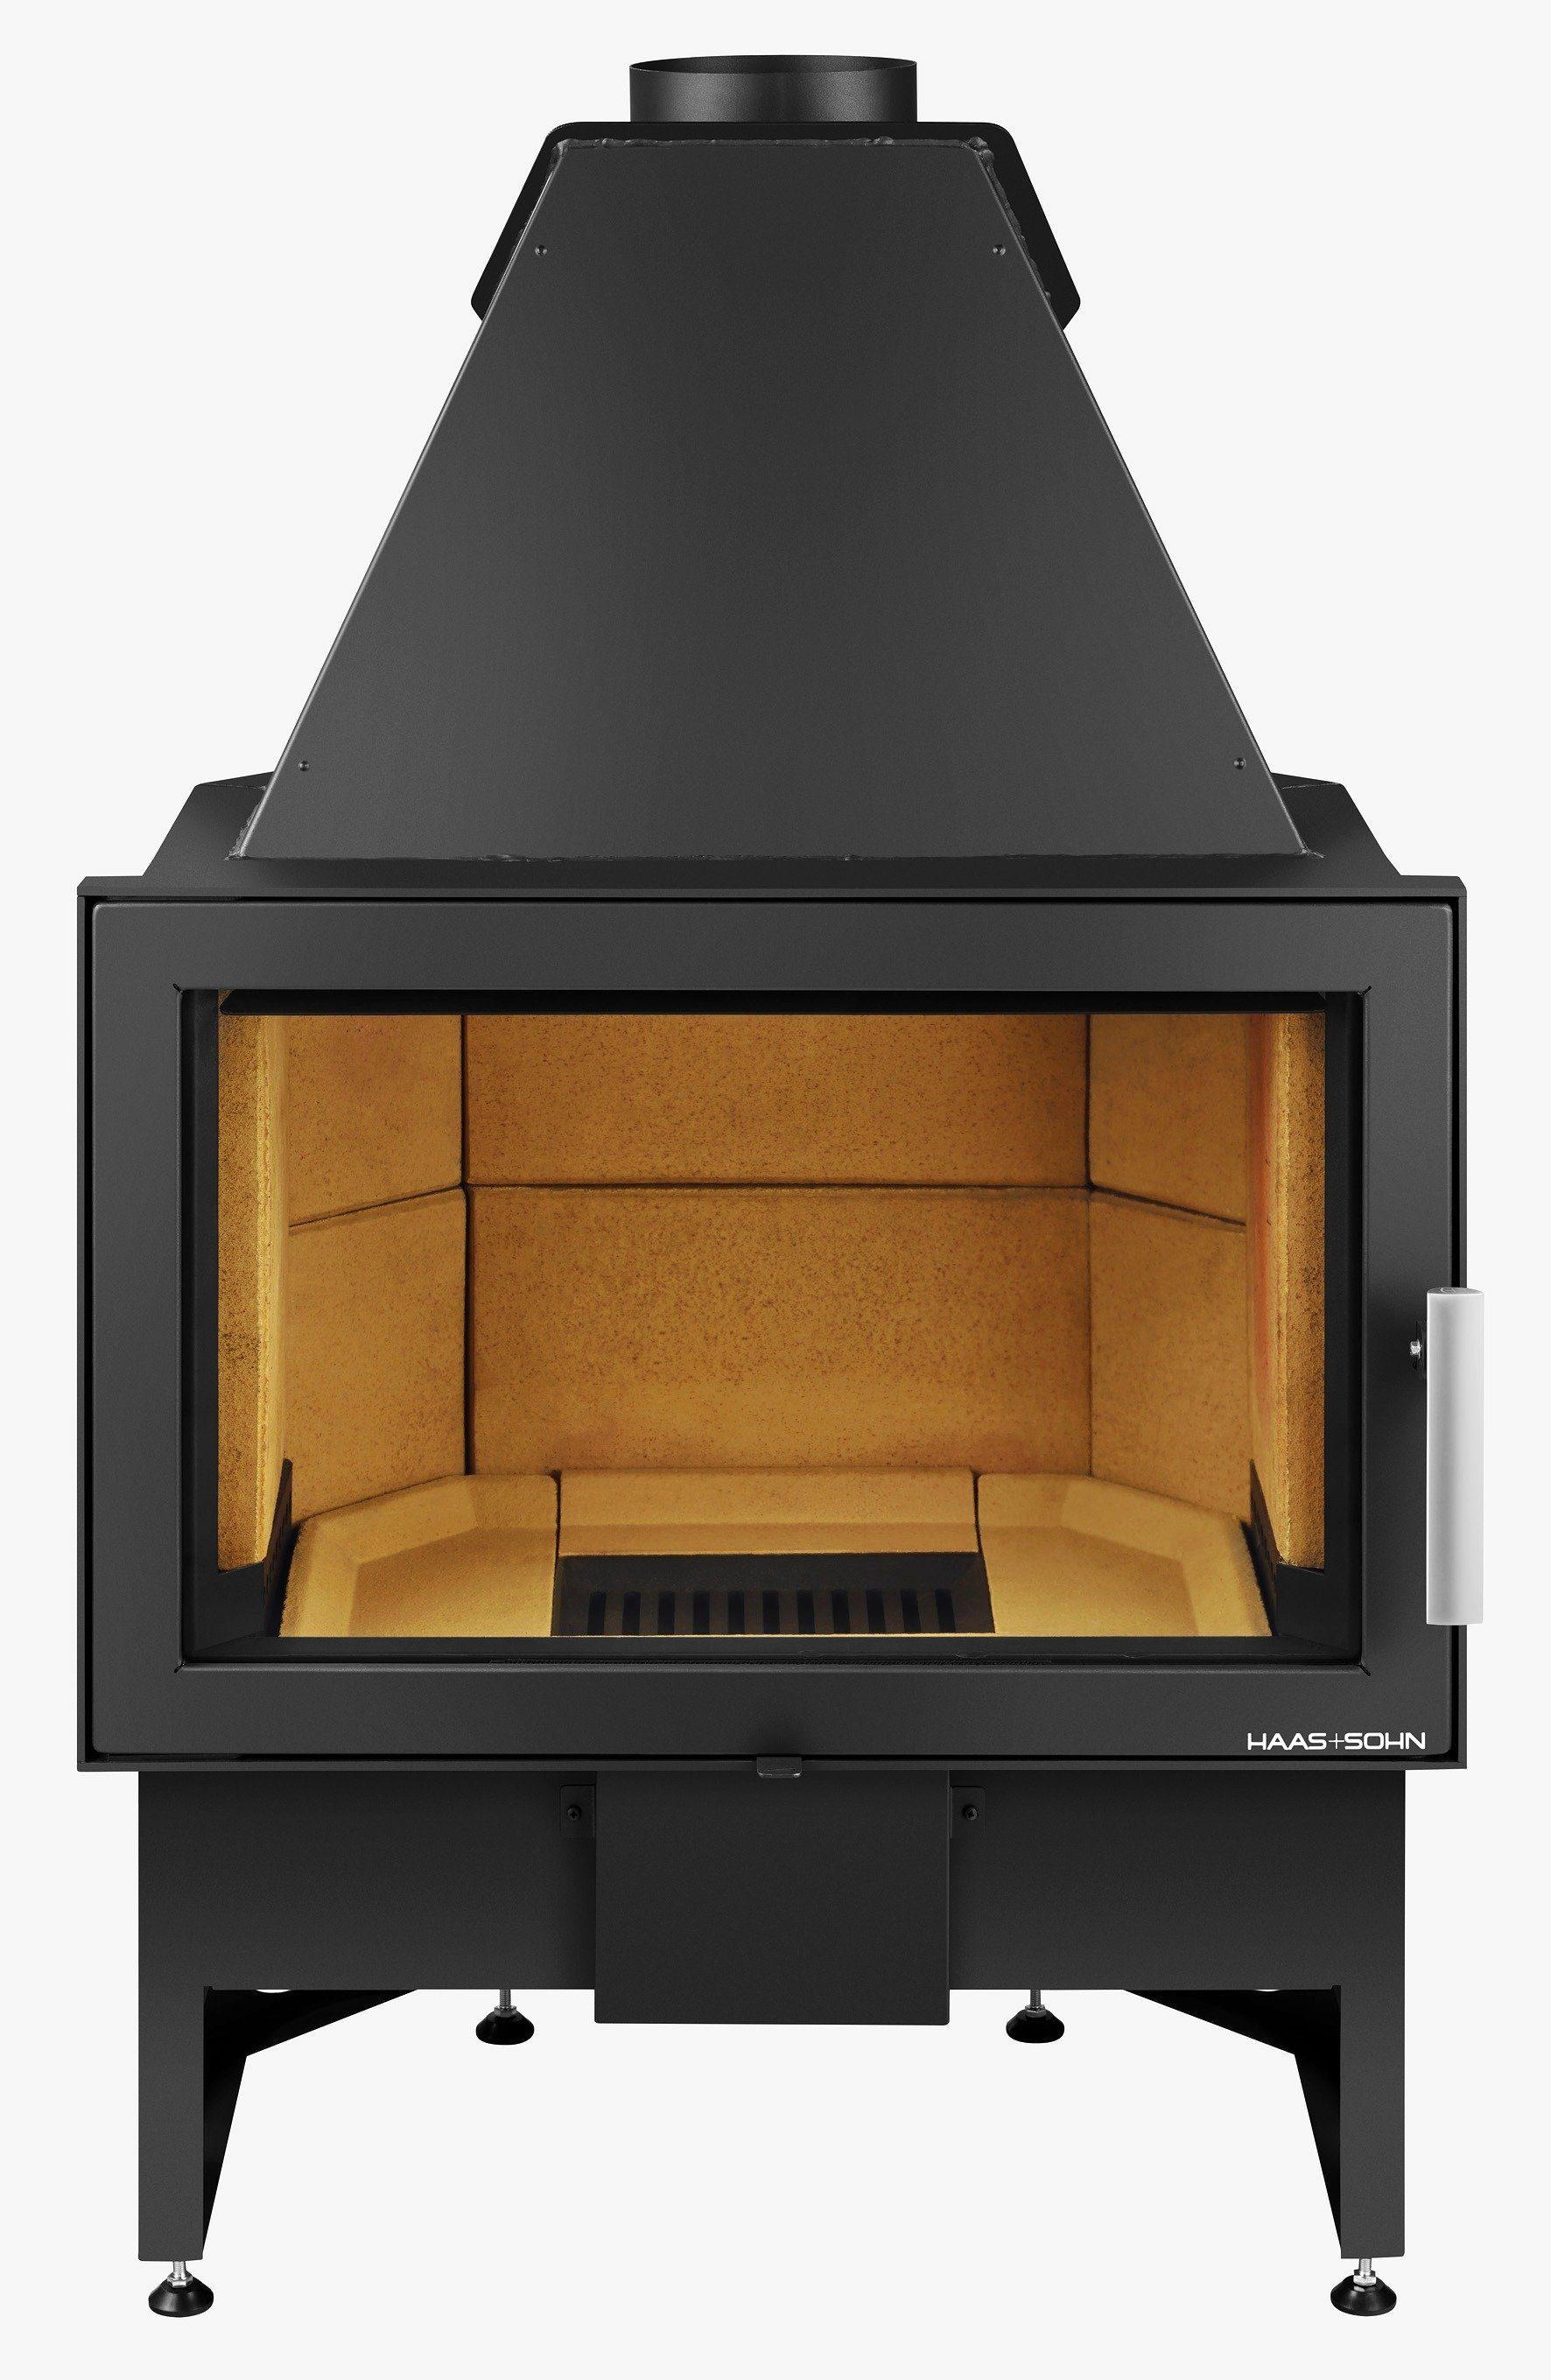 Kamineinsatz »Komfort«, 8 kW, ext. Luftzufuhr, Email-Oberflächen Technologie